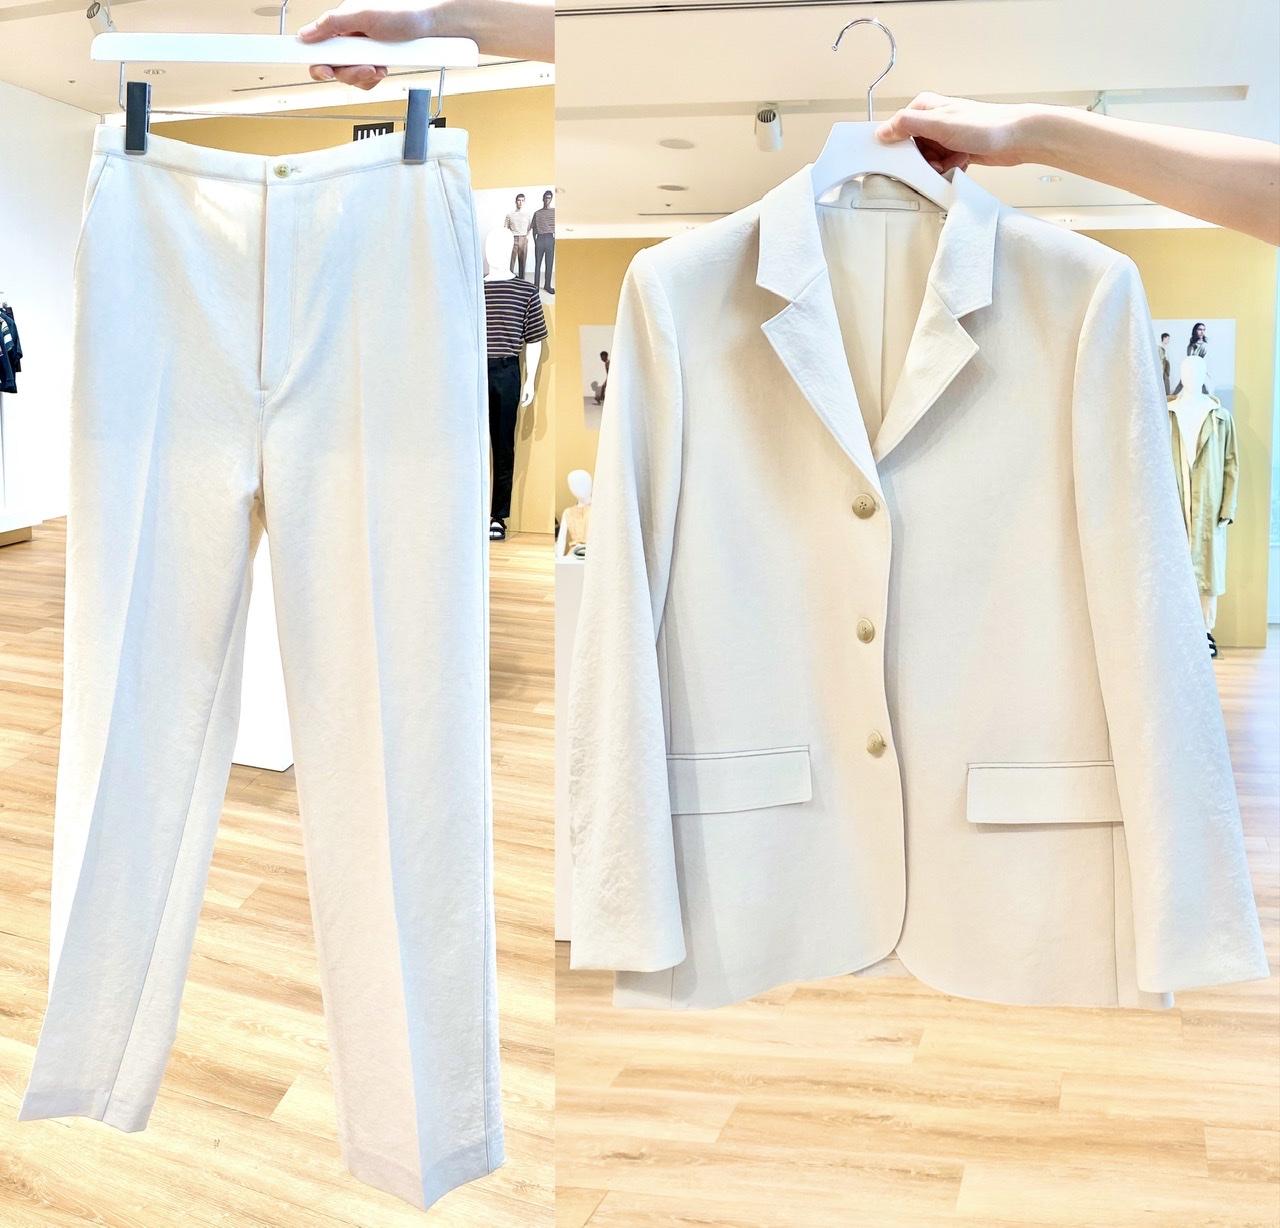 ユニクロユーのセットアップ可能なジャケットとパンツ